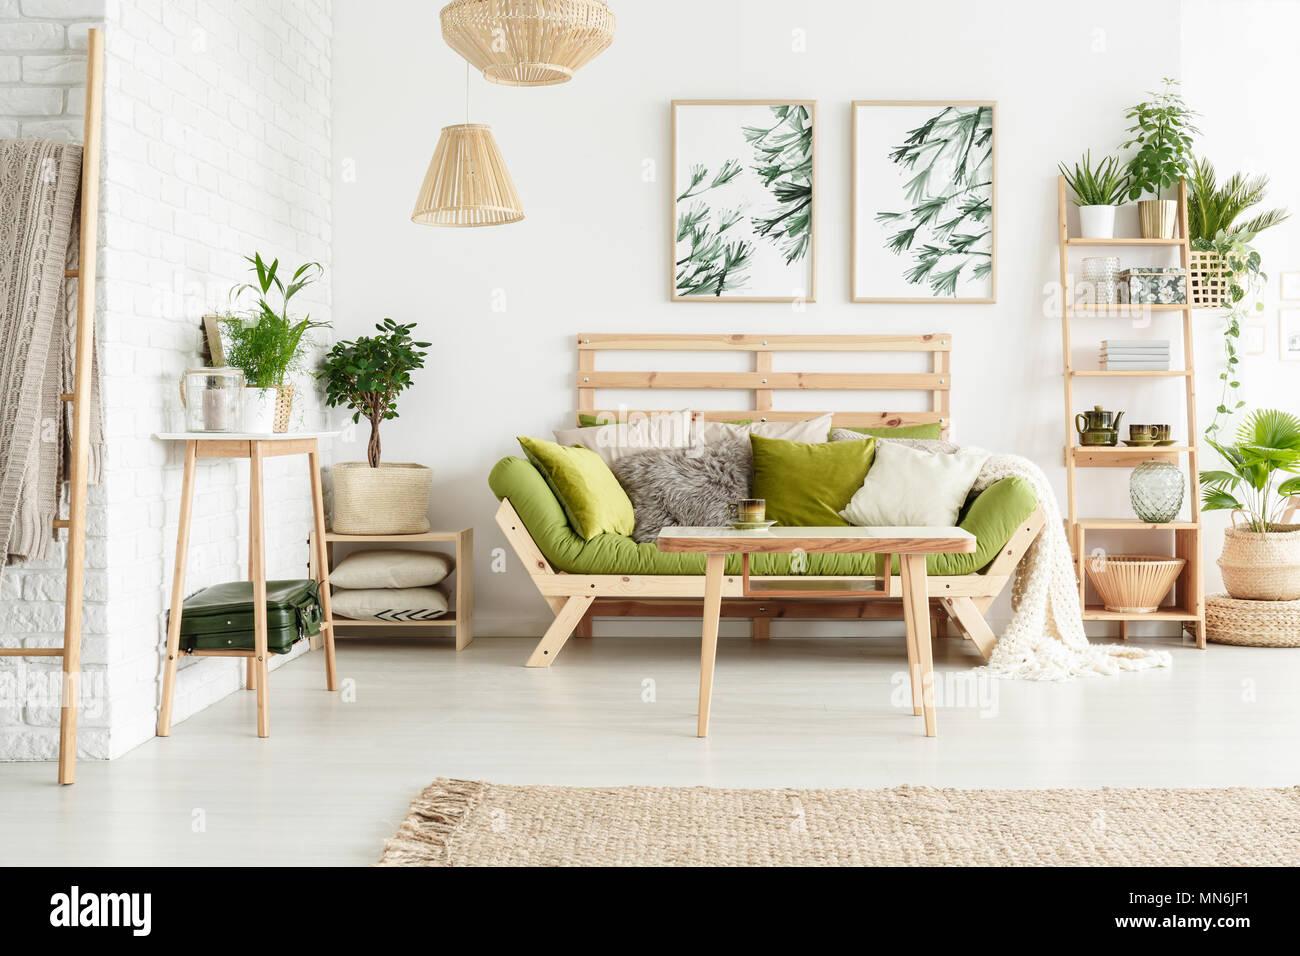 Tabelle und Pflanzen auf Holzregal in floralen Wohnzimmer